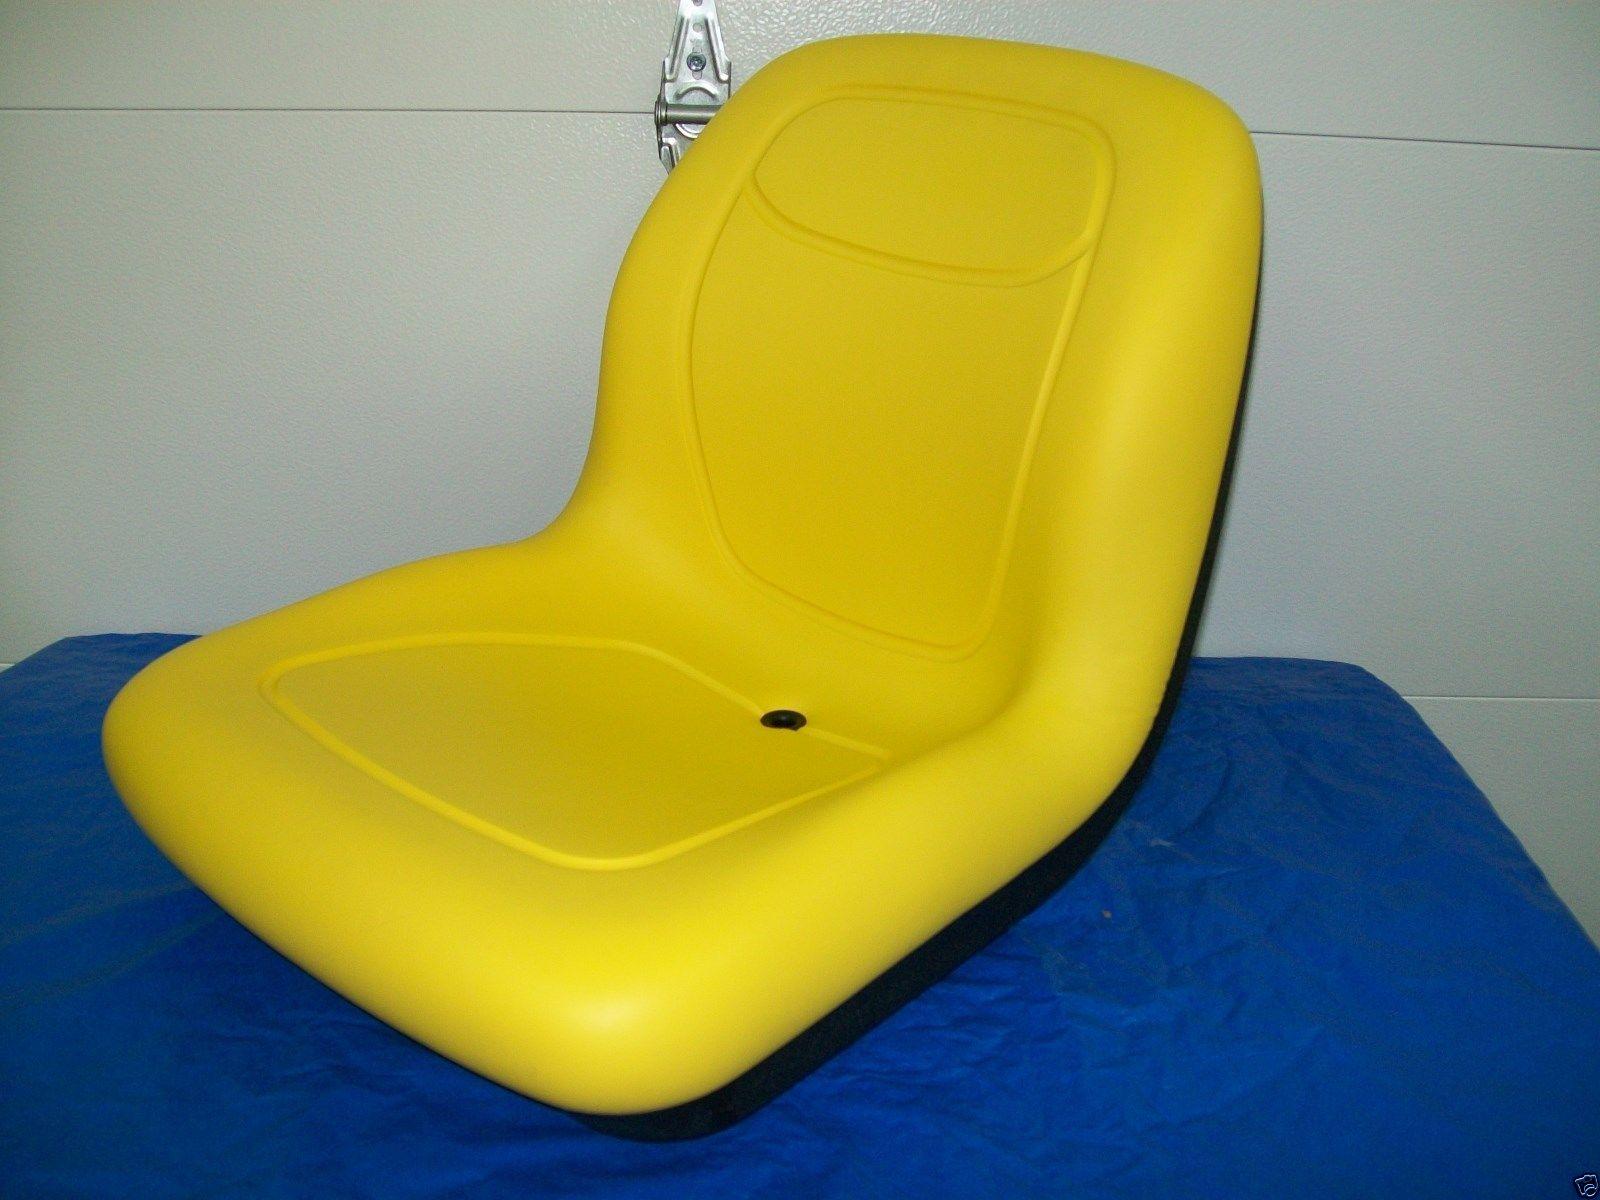 HIGH BACK SEAT JOHN DEERE 325 345 GARDEN TRACTORS ABOVE 70,001 SERIAL #BP 335